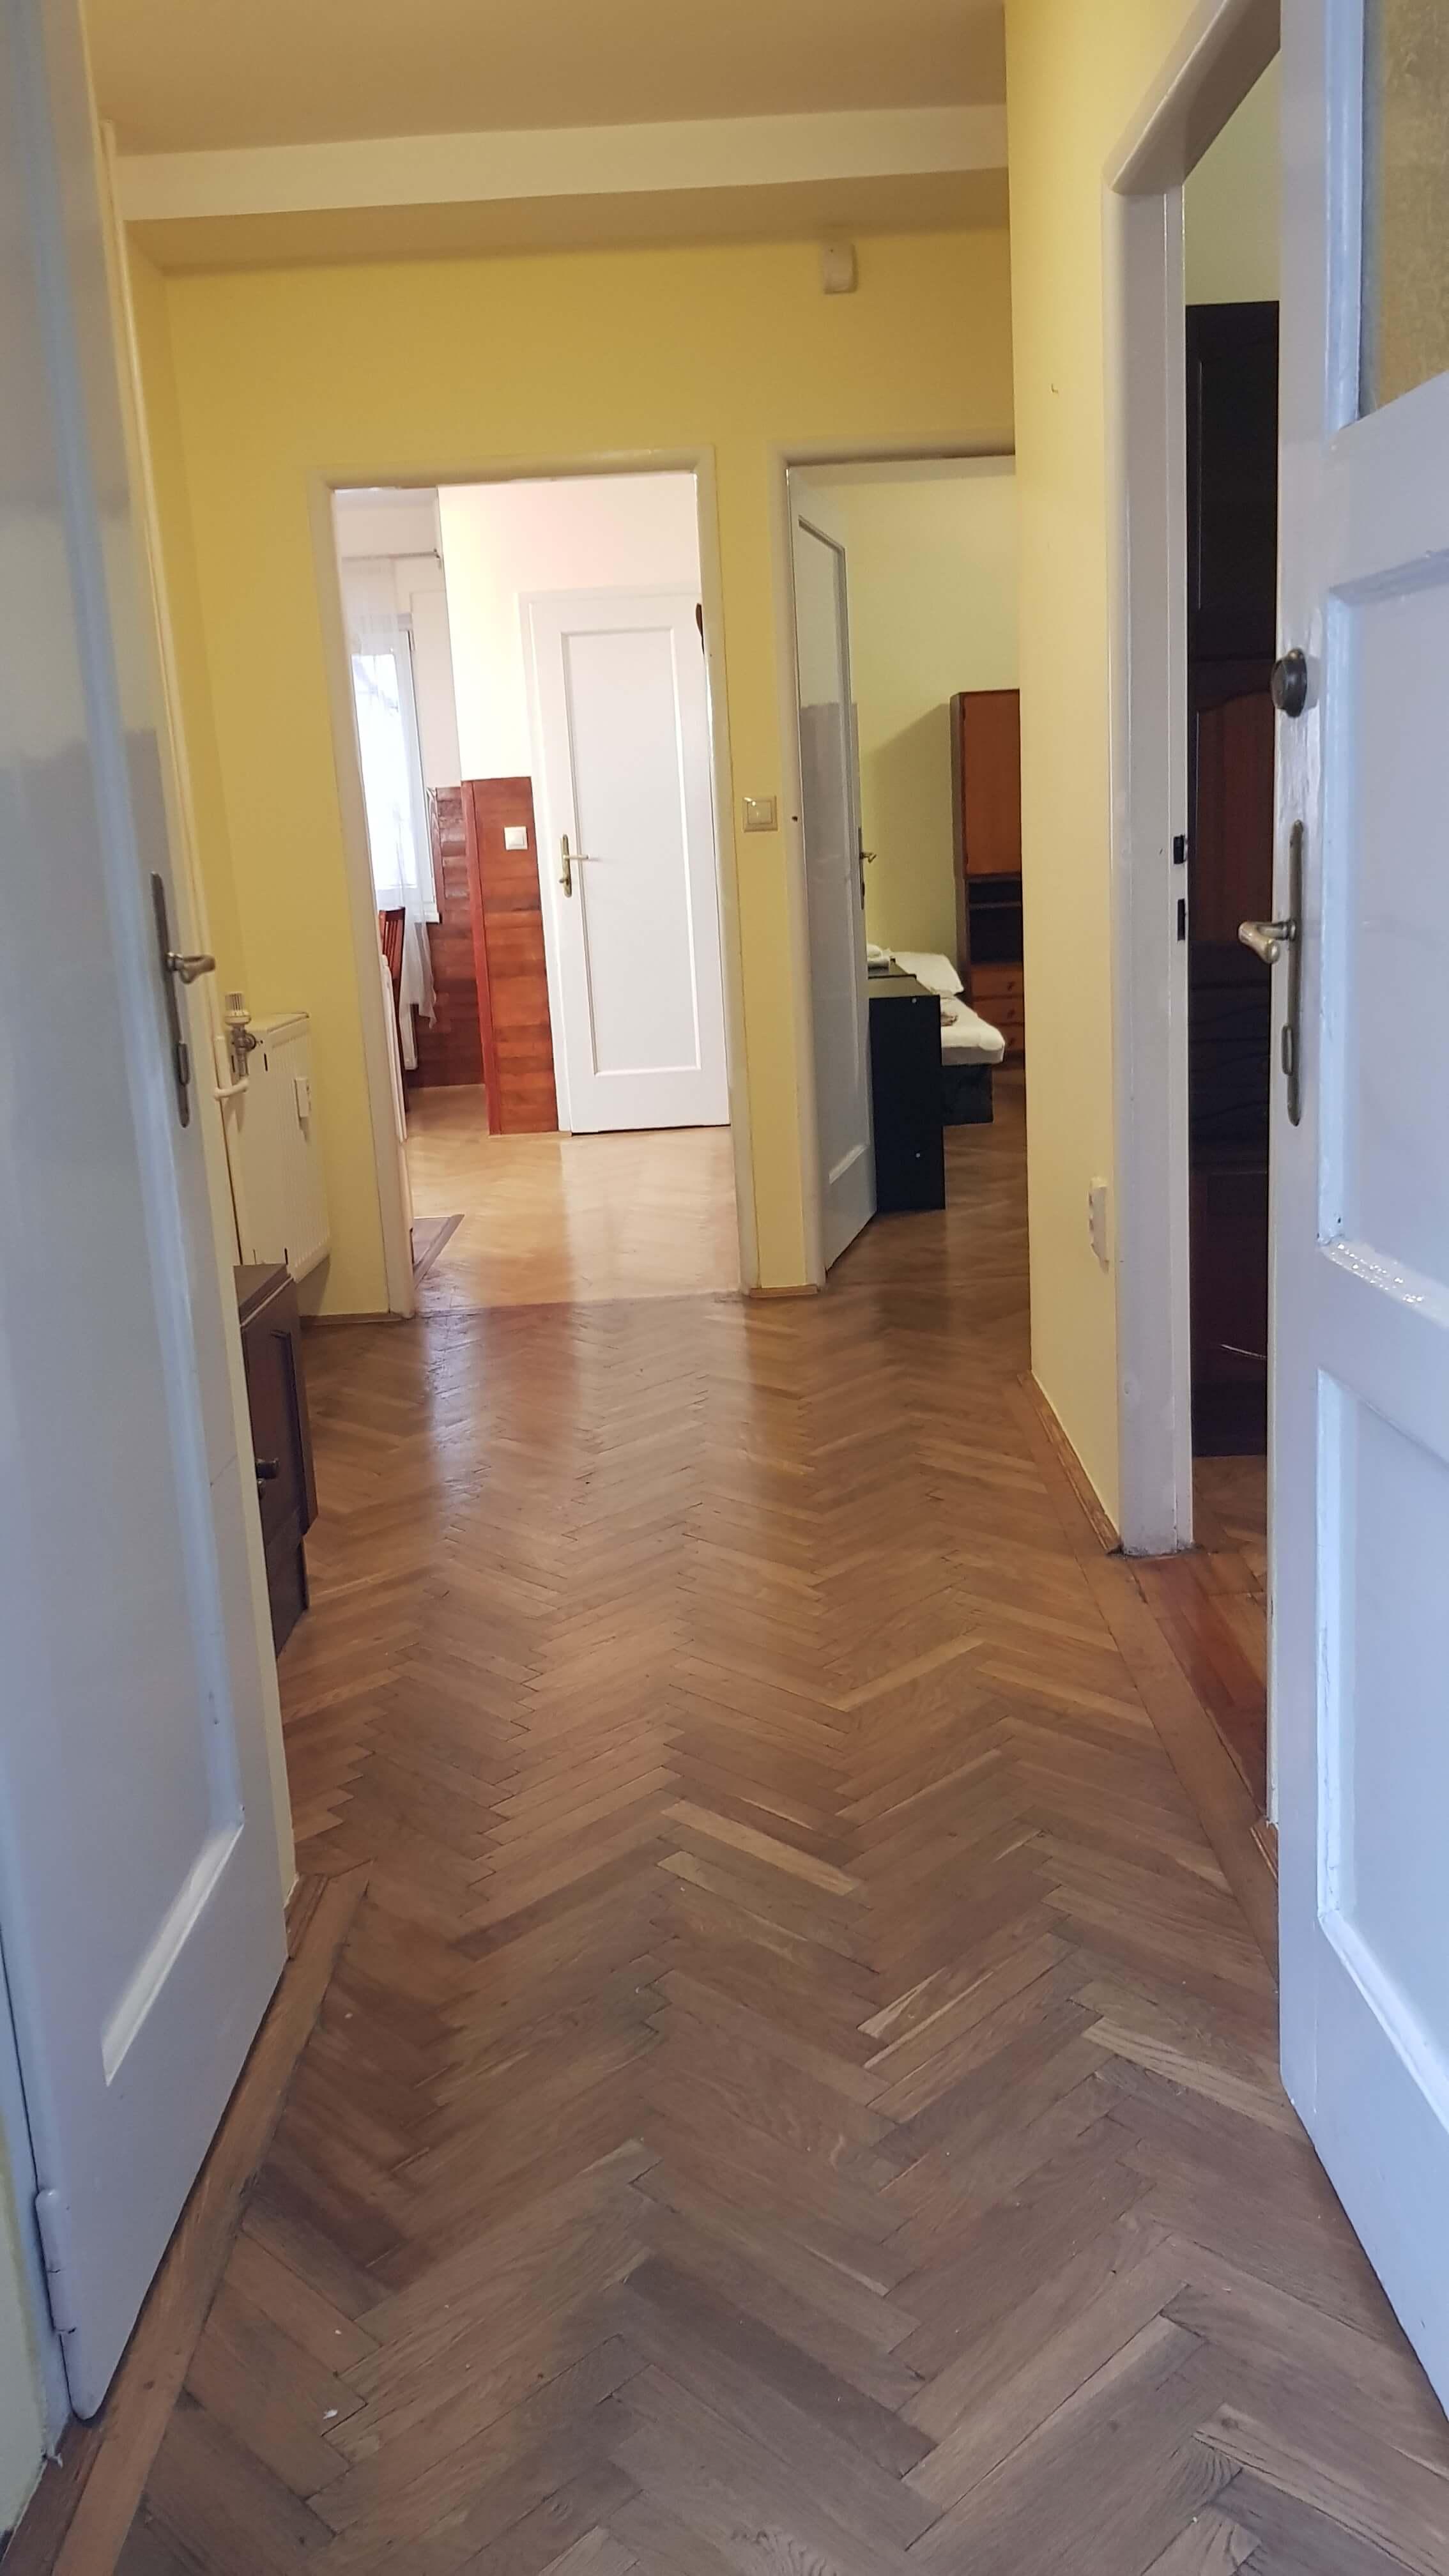 Predaj exkluzívneho 2 izb. bytu, staré mesto, Šancová ulica, Bratislava, 75m2, kompletne zariadený-39